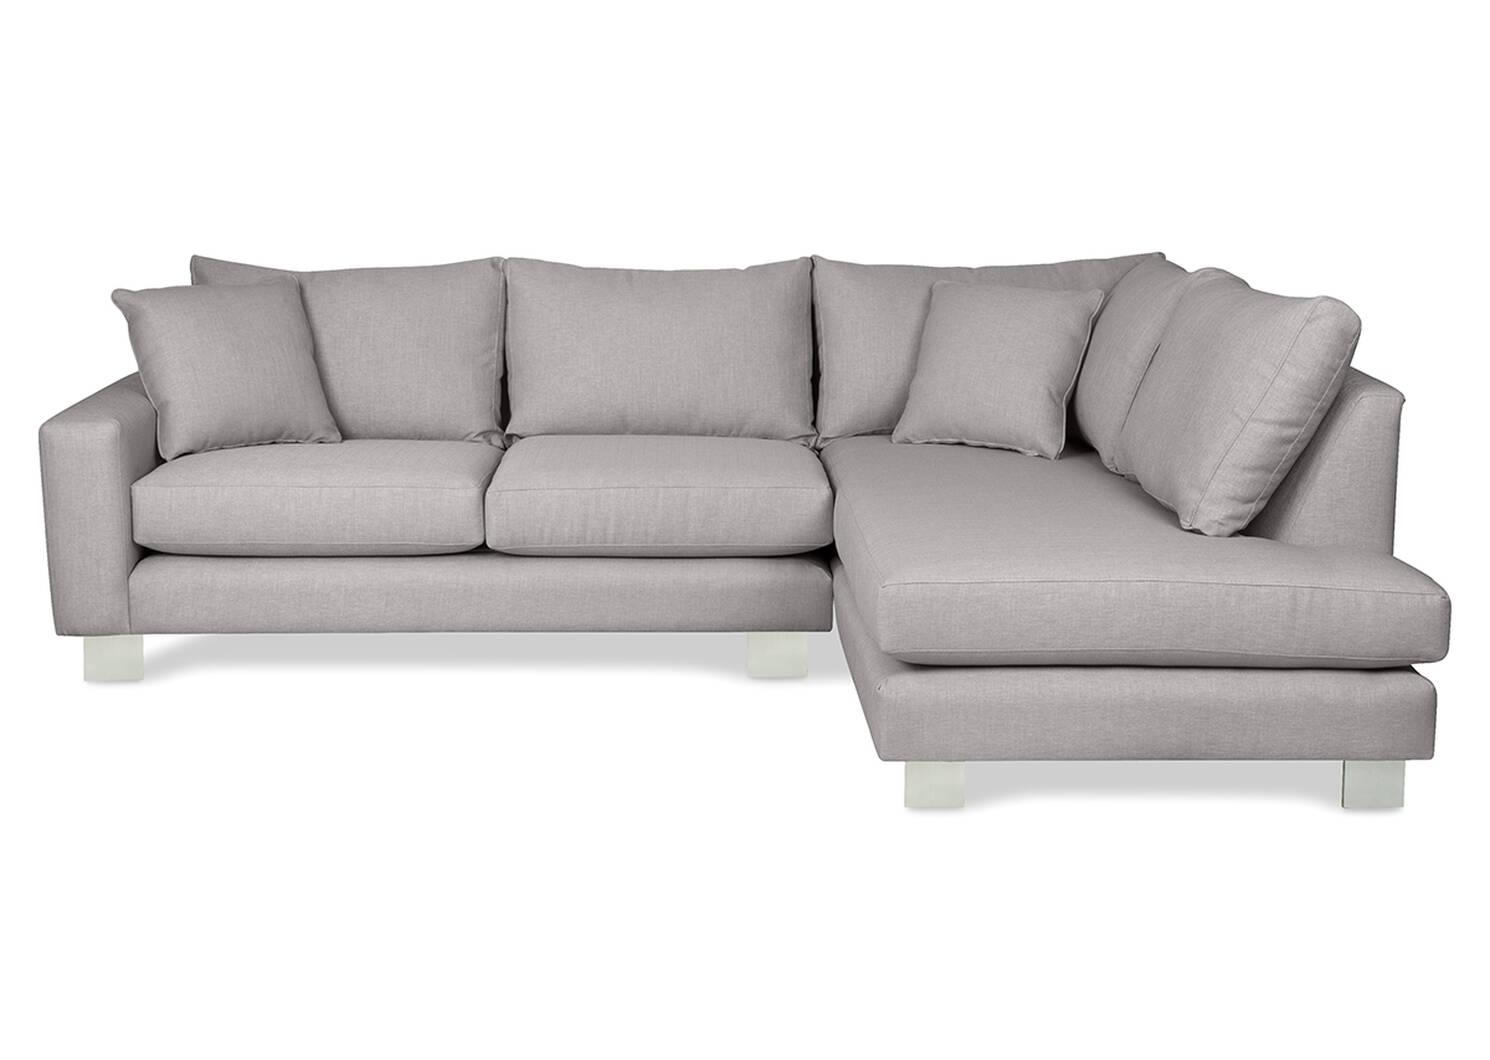 Canapé modulaire Tribeca personnalisé avec dossier retour